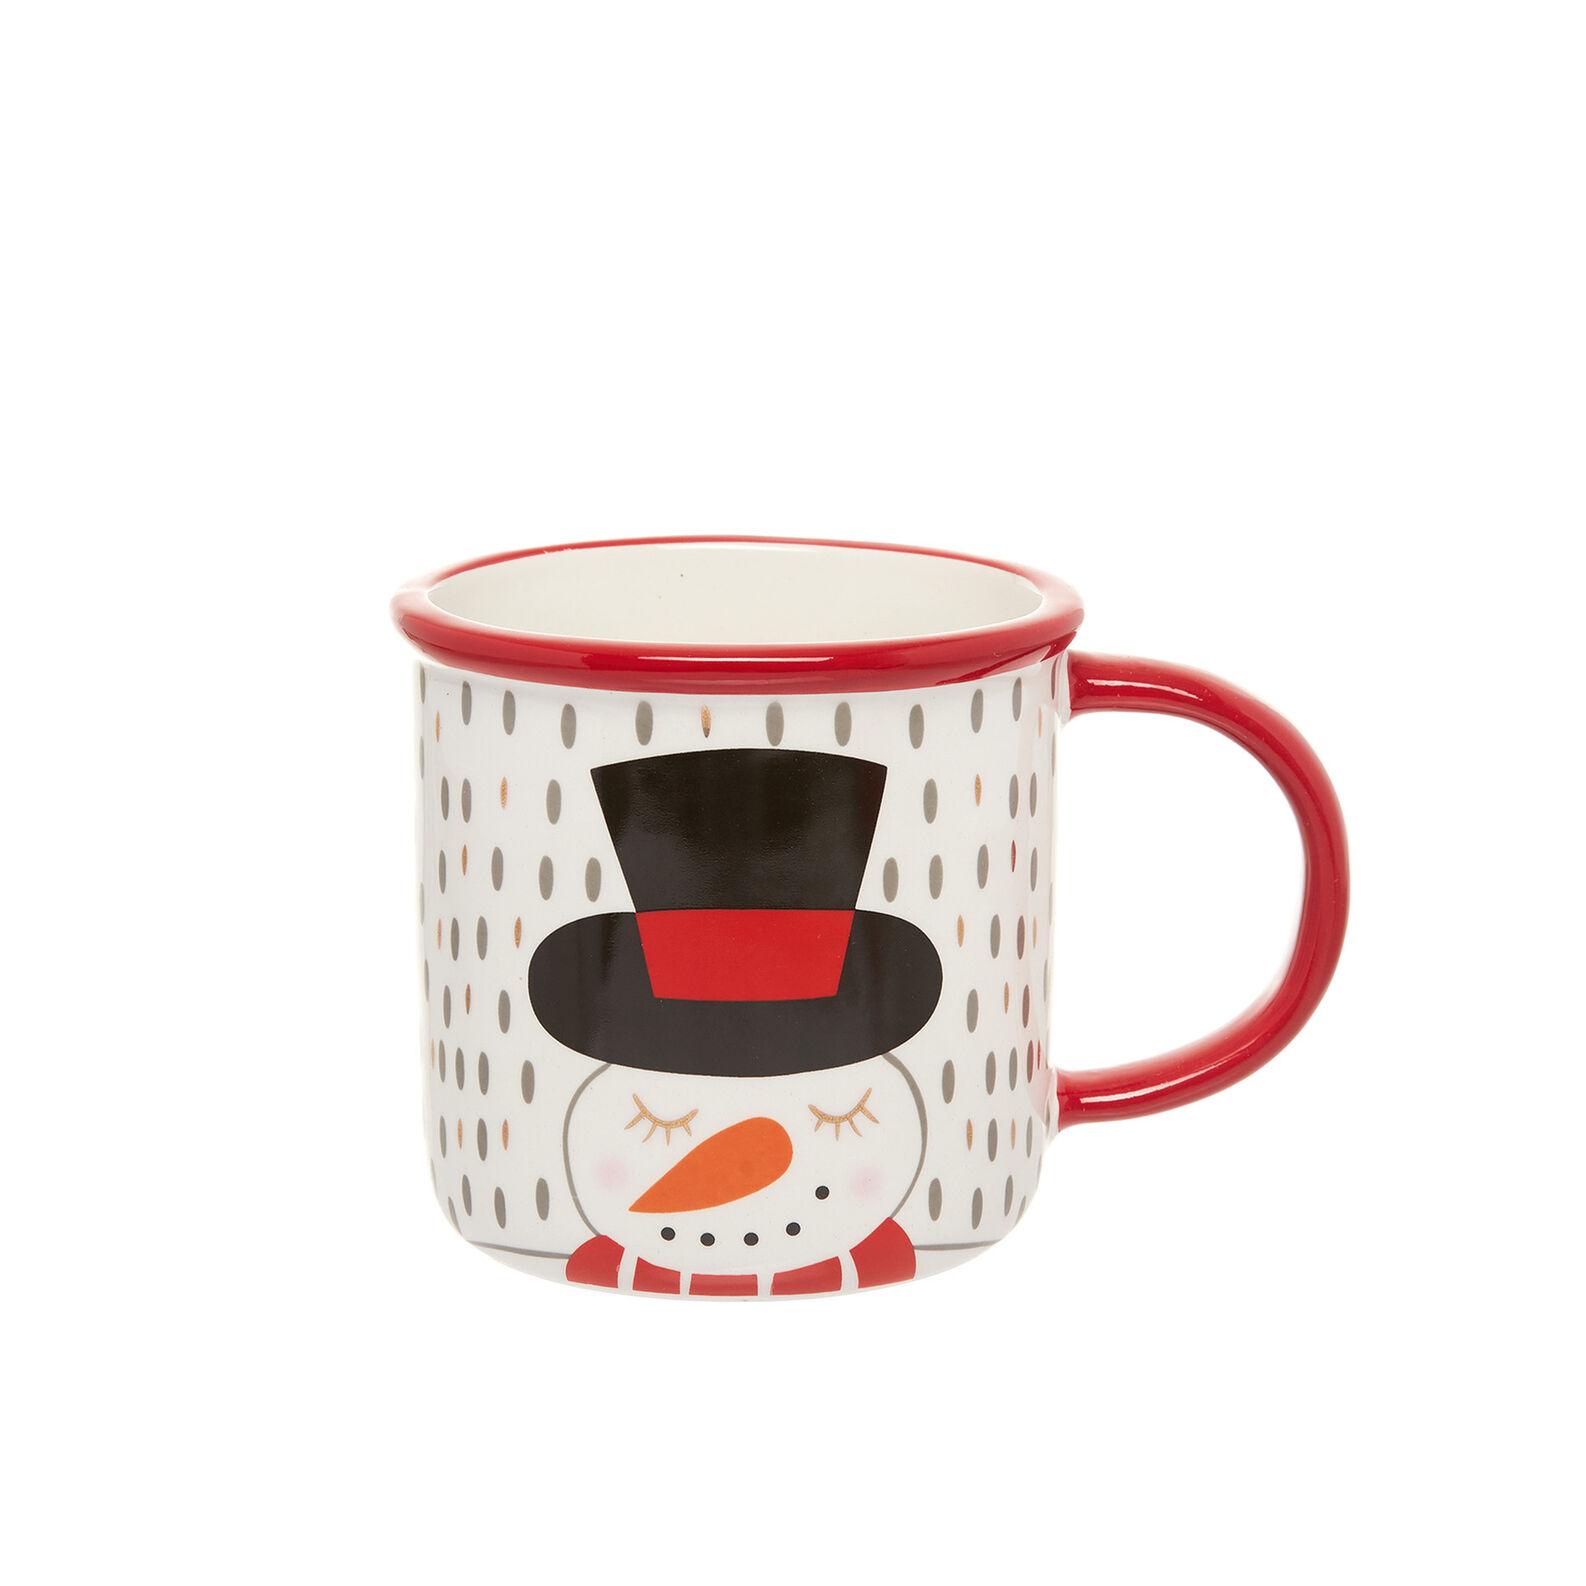 Ceramic snowman mug